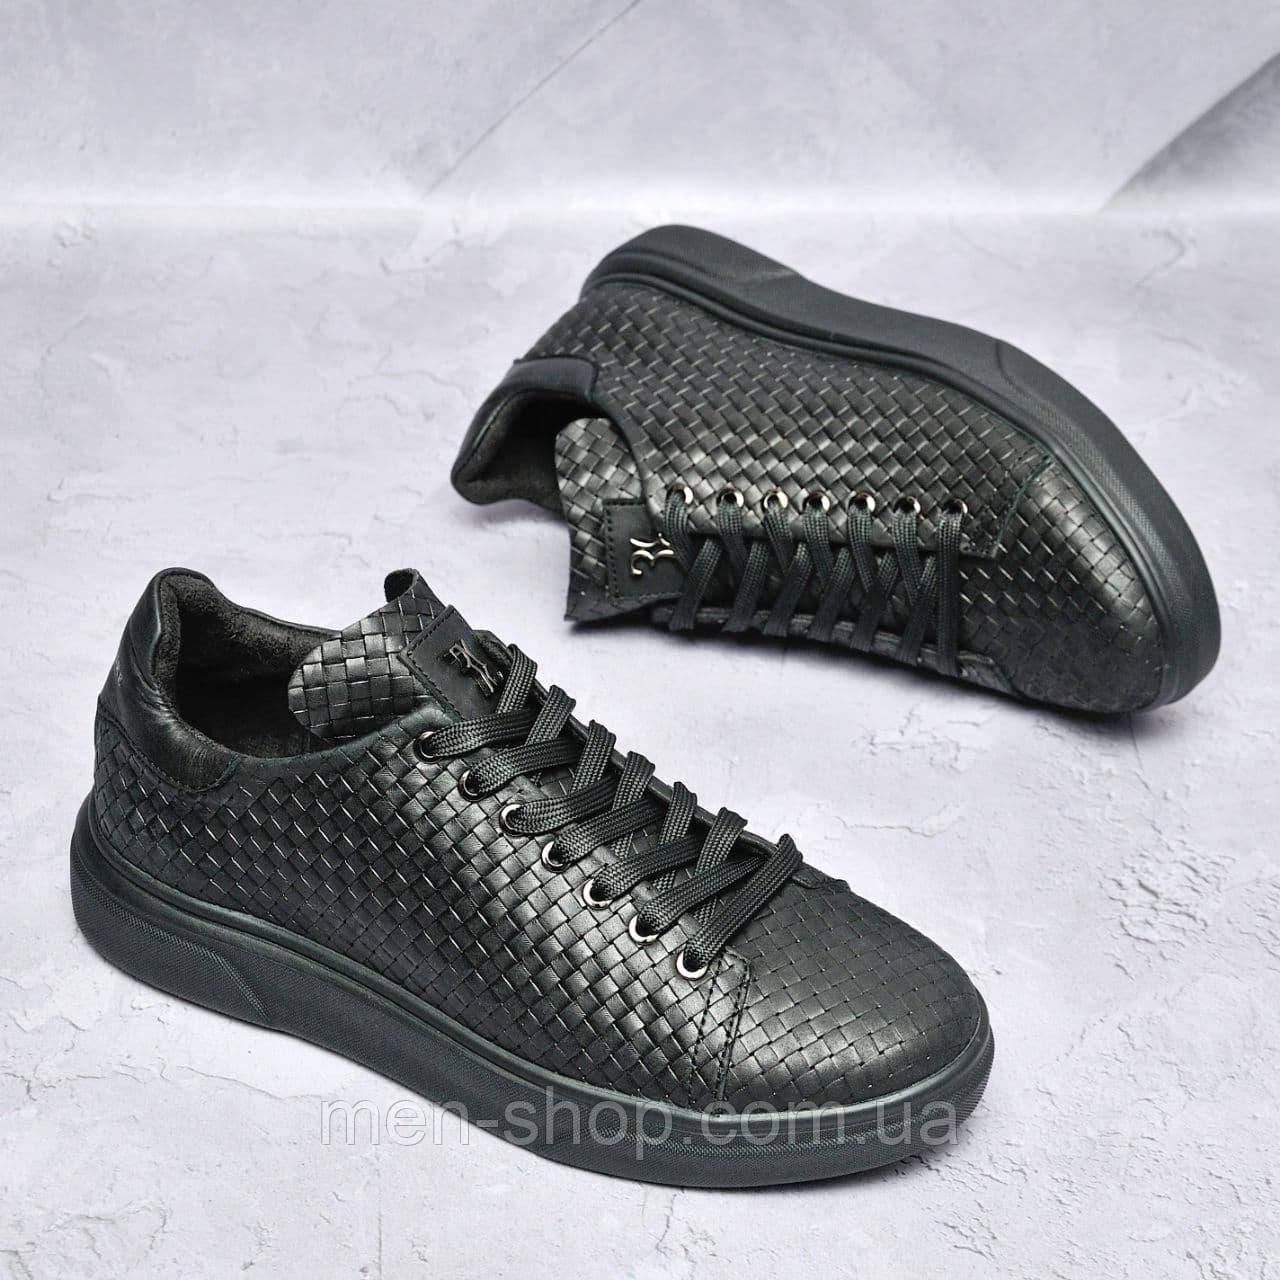 Чоловічі шкіряні туфлі Чорні Billionaire